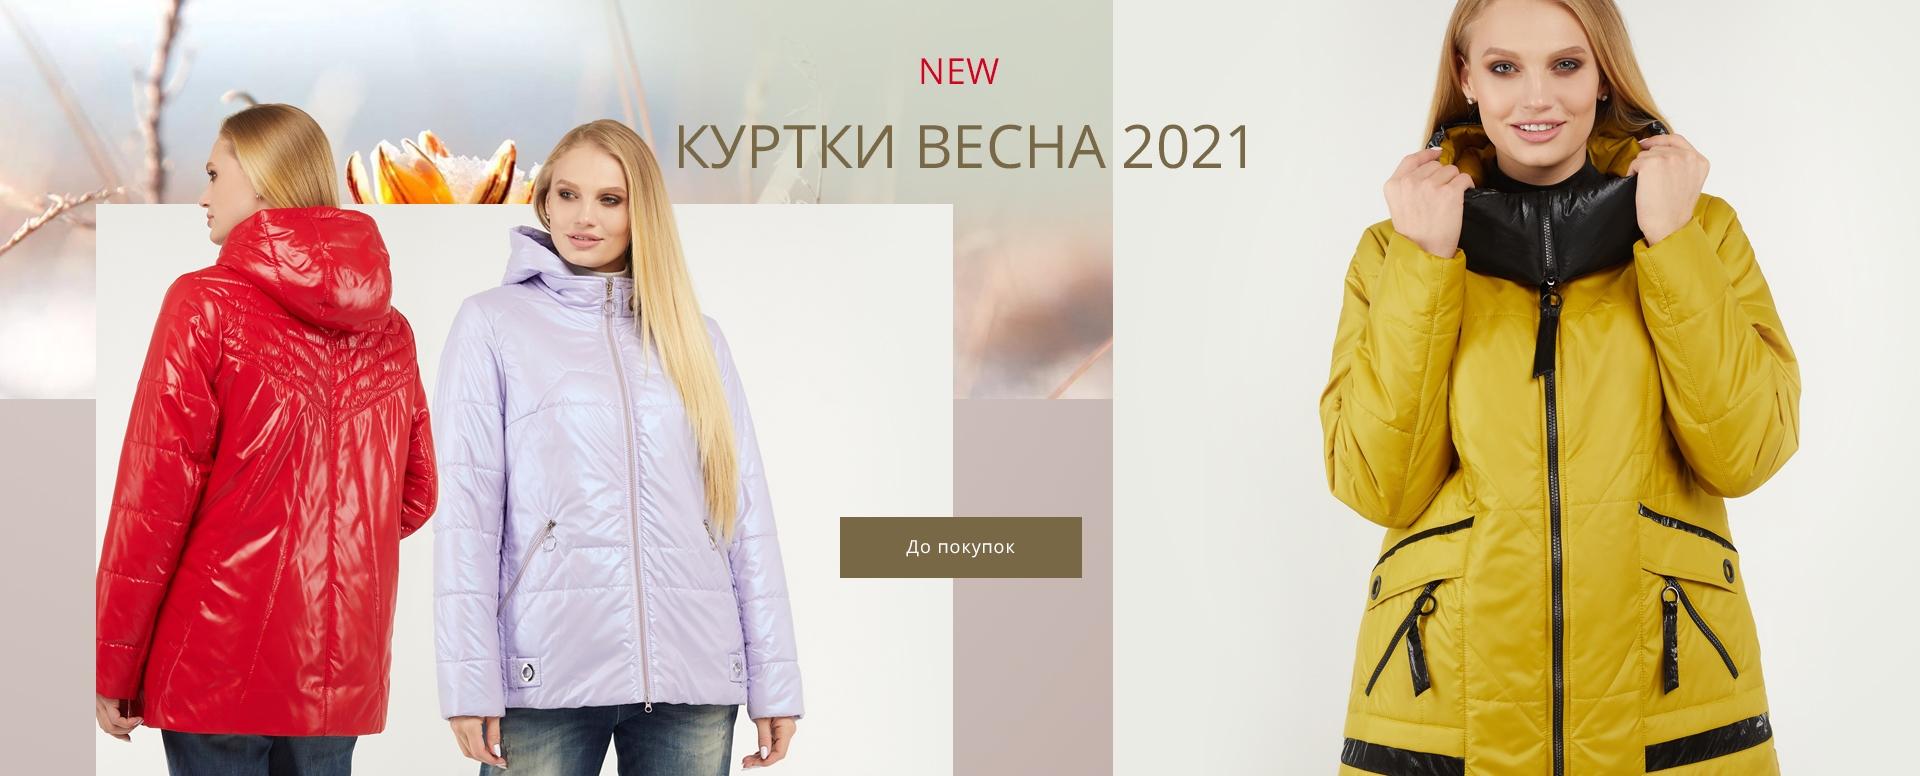 NEW Демісезонні куртки великих розмірів Весна 2021